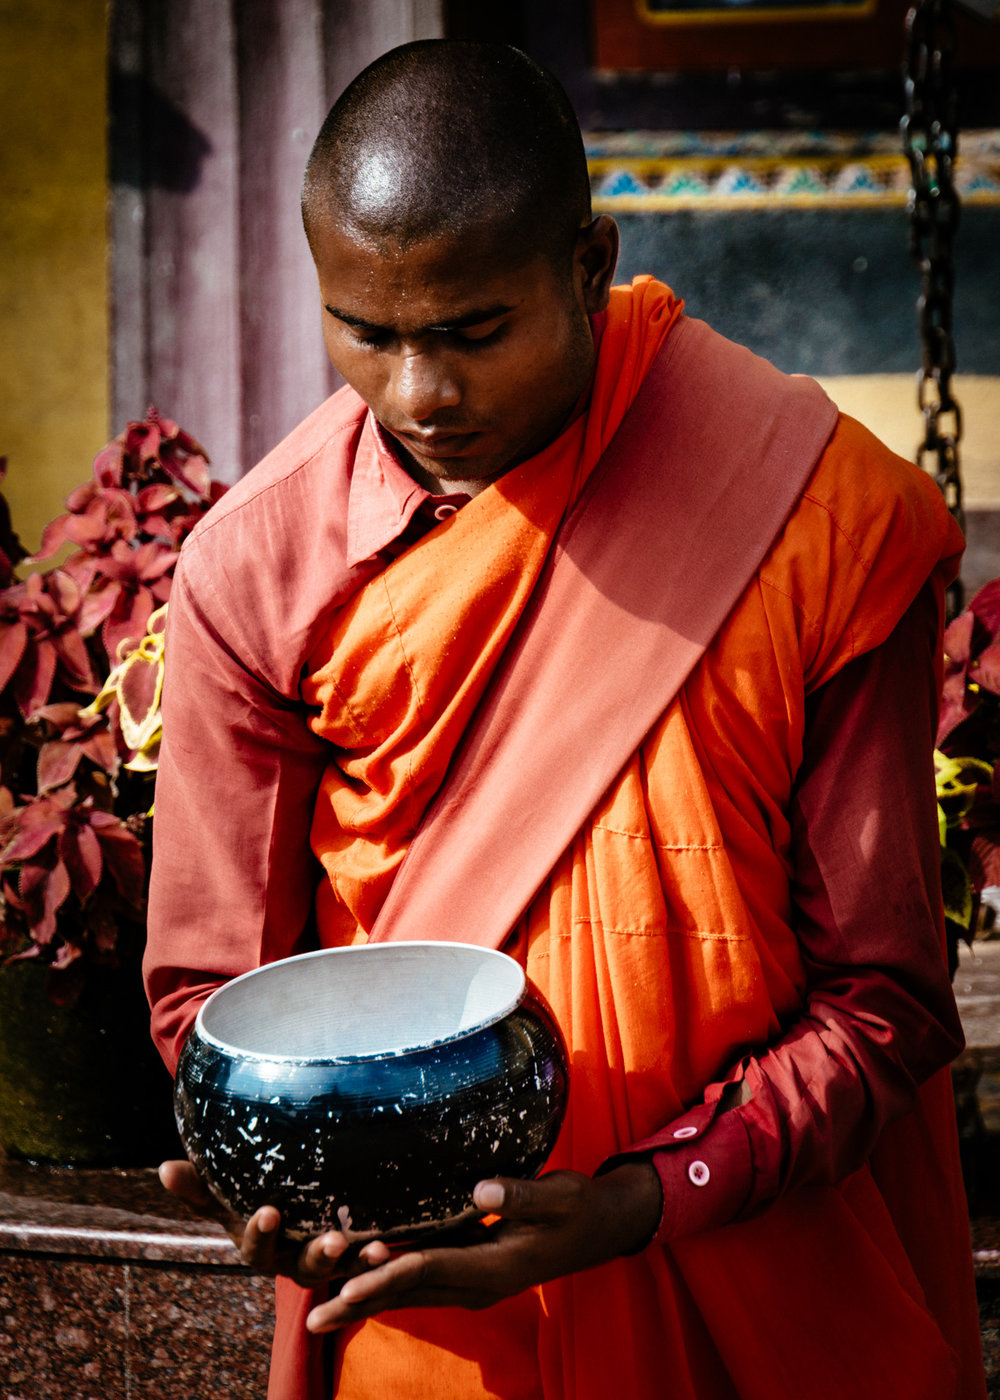 120925_Nepal_2317.jpg